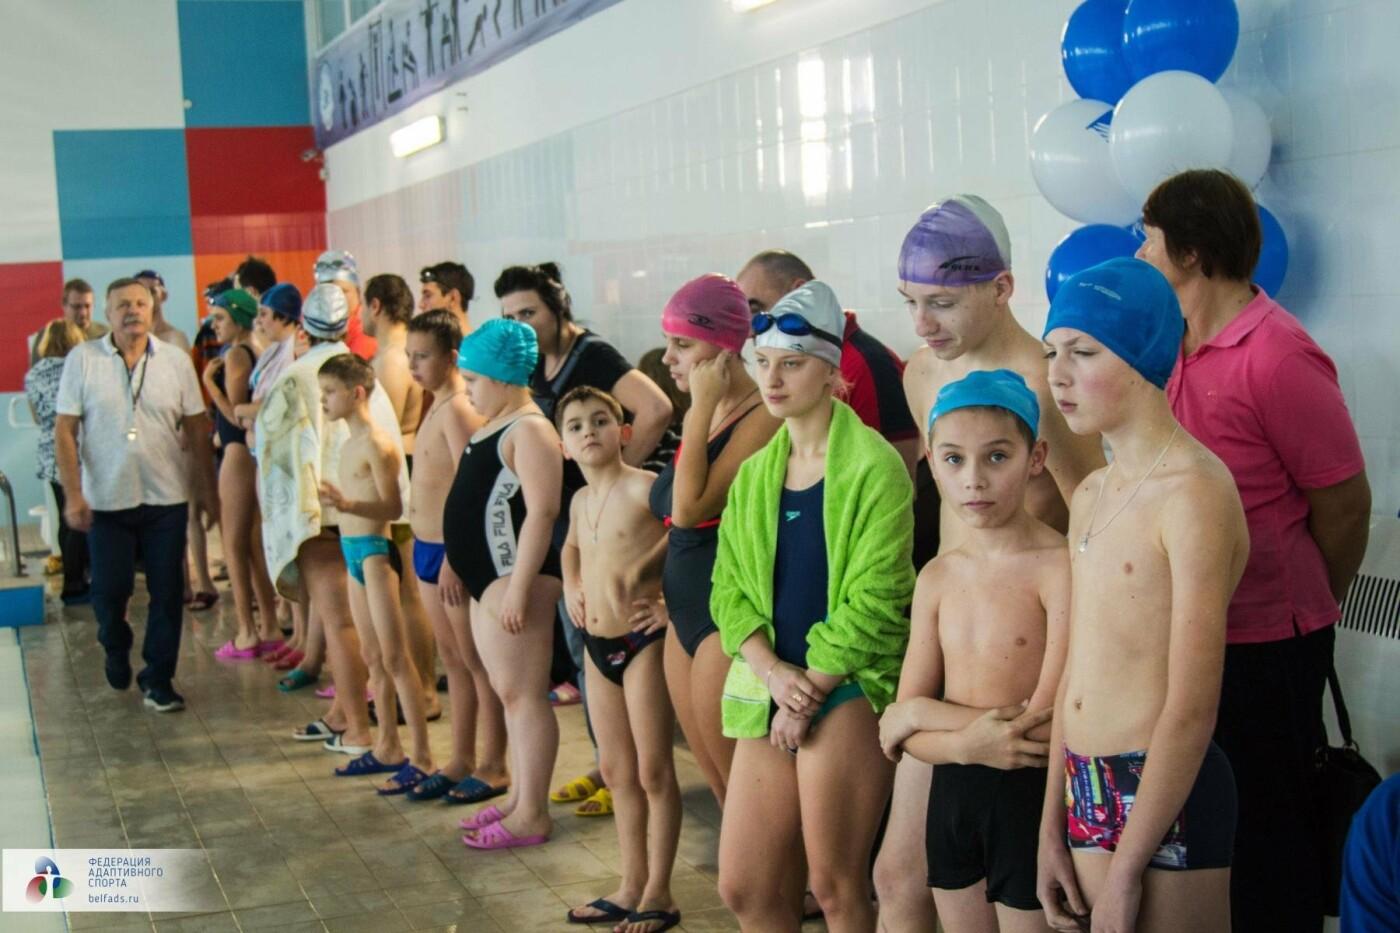 Предновогодний заплыв: члены Федерации адаптивного спорта провели соревнования по плаванию, фото-18